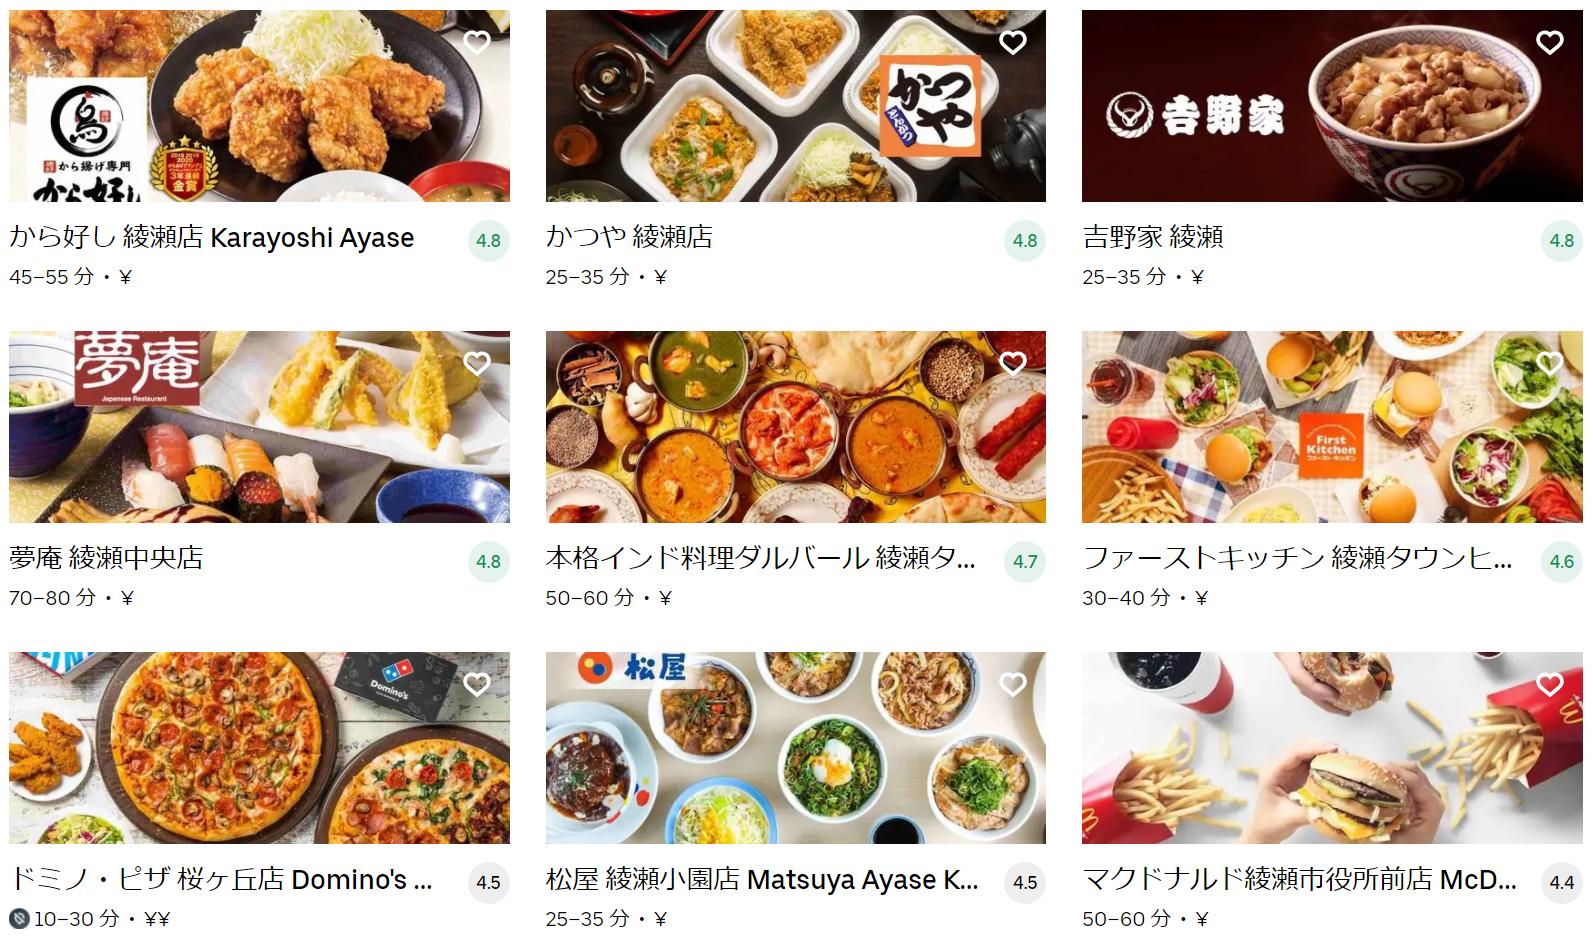 綾瀬市エリアのおすすめUber Eats(ウーバーイーツ)メニュー